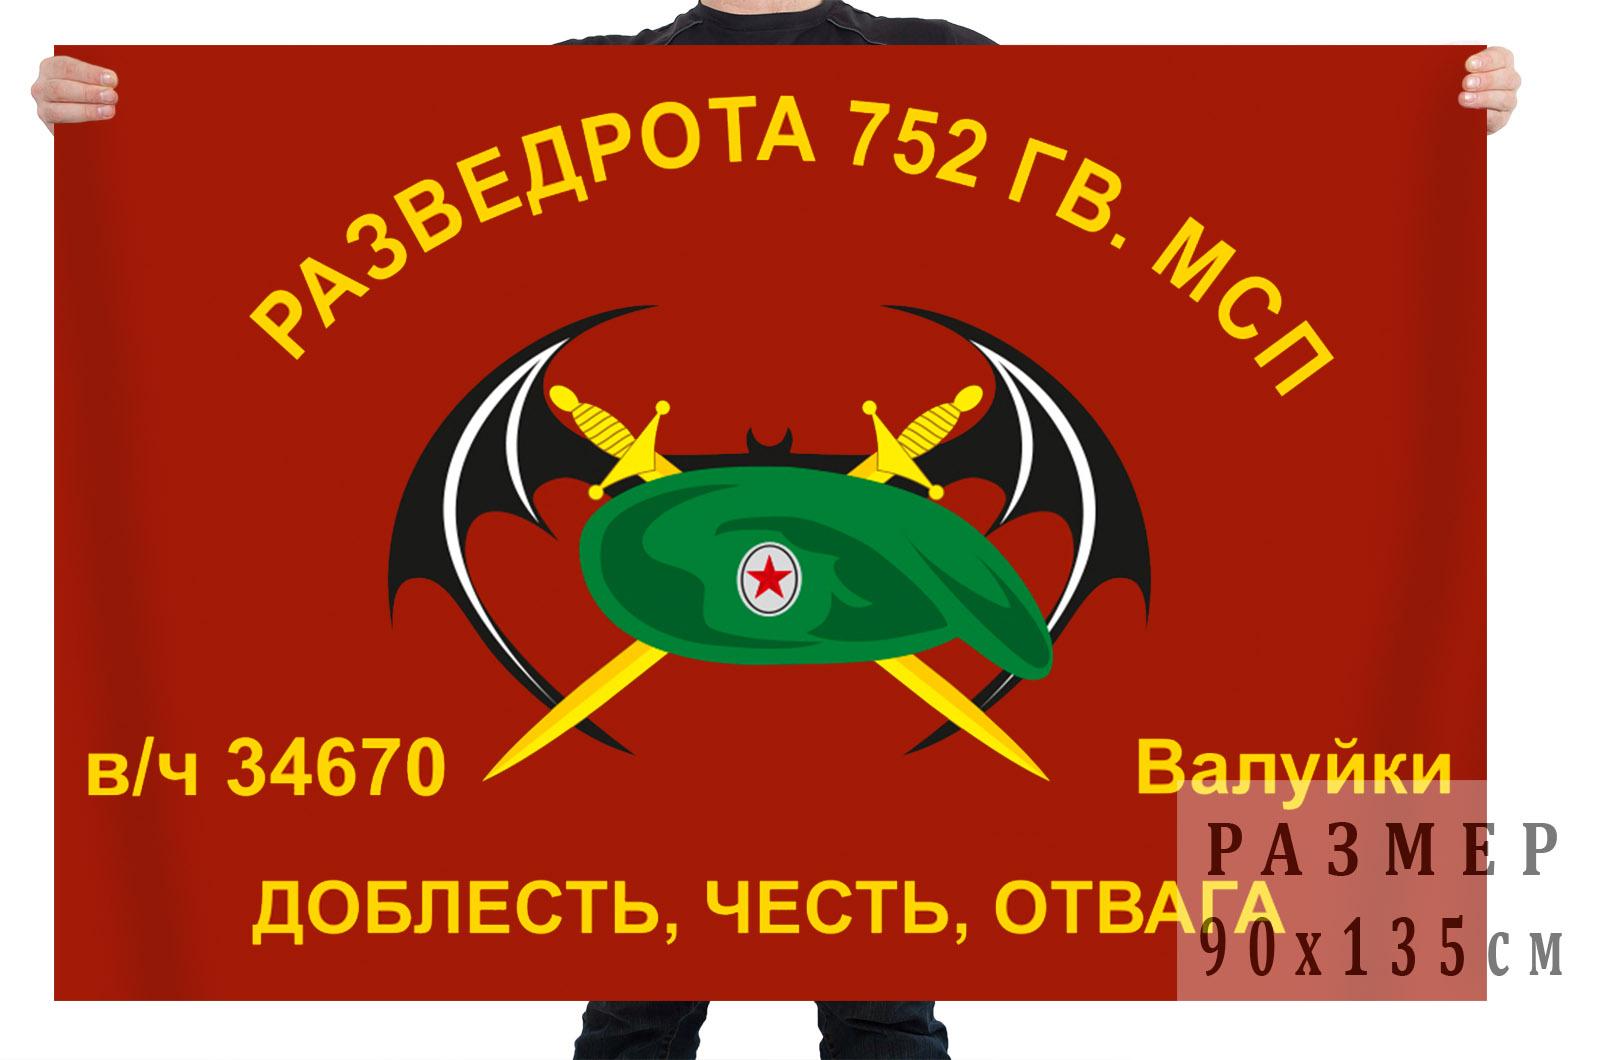 Флаг Разведроты 752 Гв. МСП